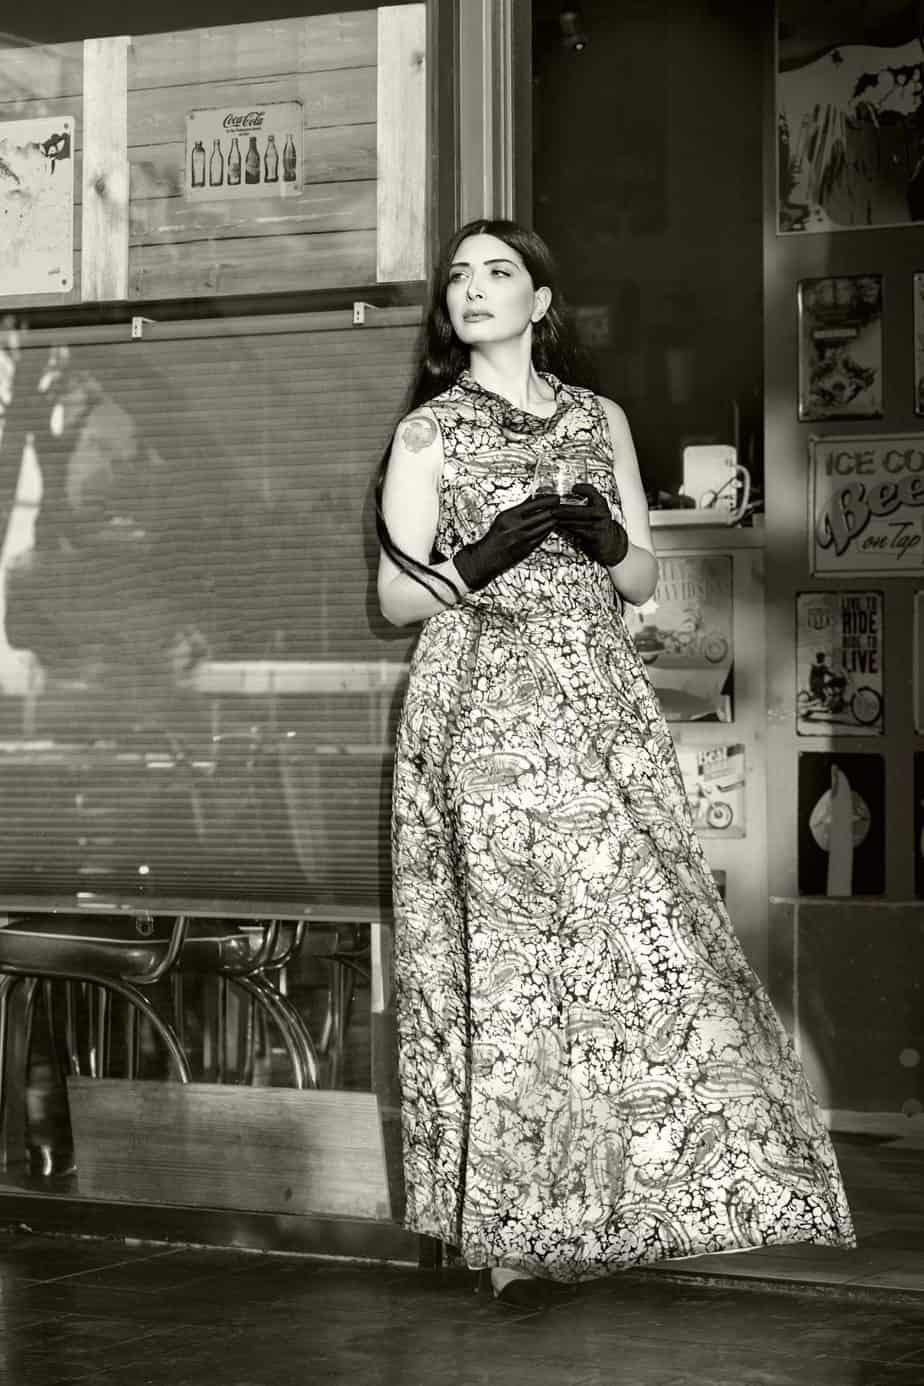 שמלה מקסי סבנטיז, מאיה אושרי כהן, אופנה שנות השבעים,צילום Gennadiy Tsodik